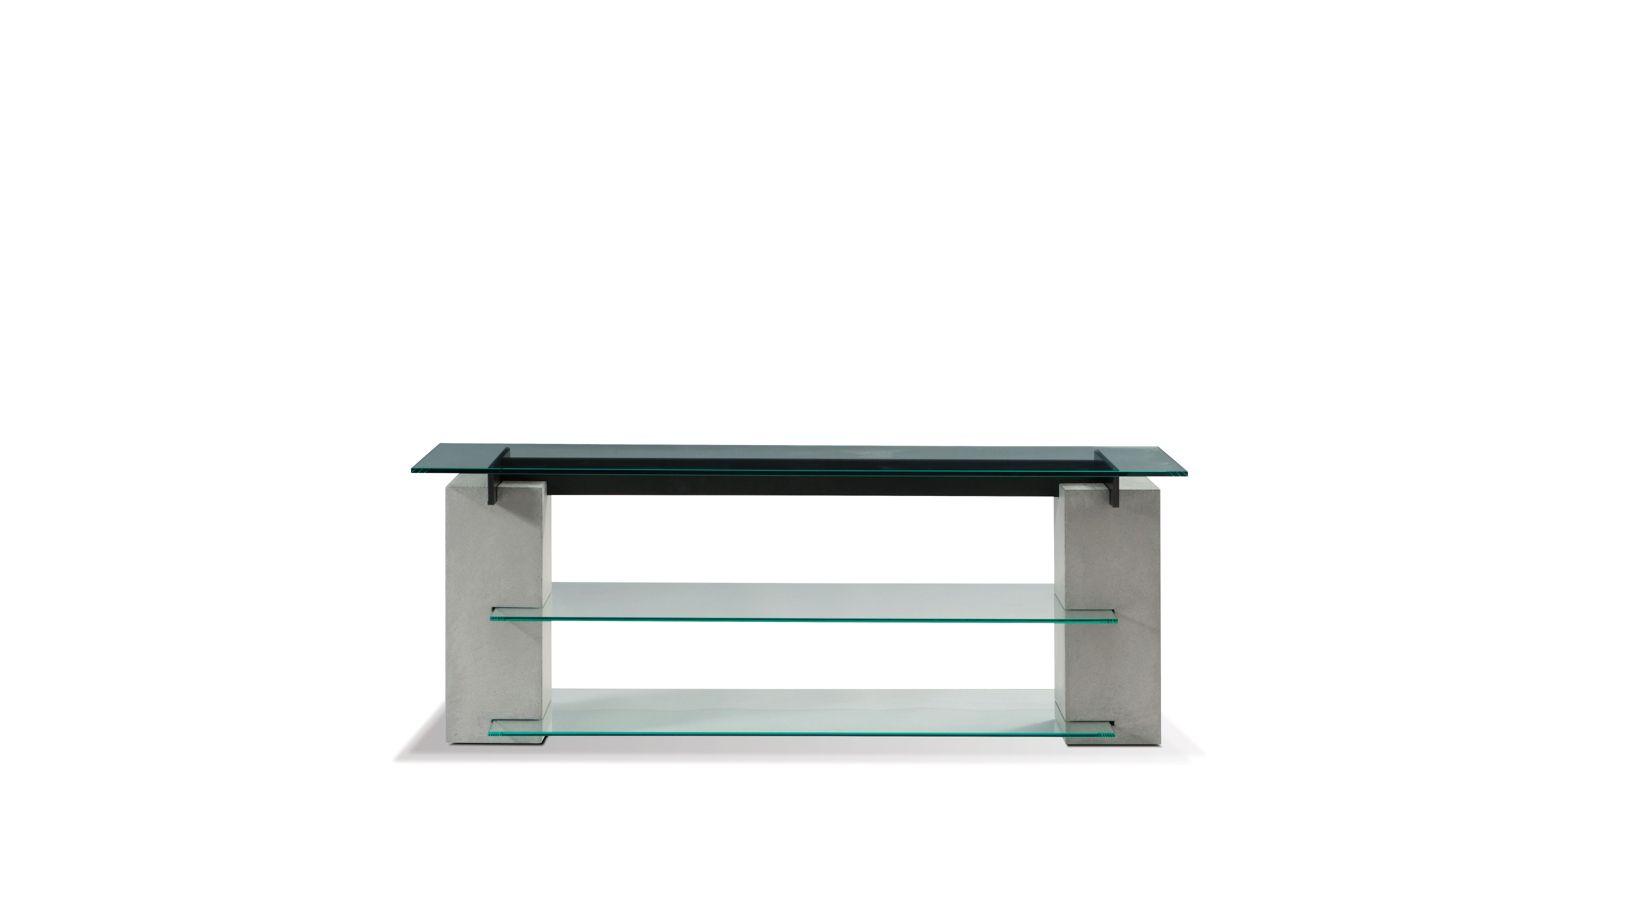 Table basse carr e t n r roche bobois - Table basse en verre roche bobois ...